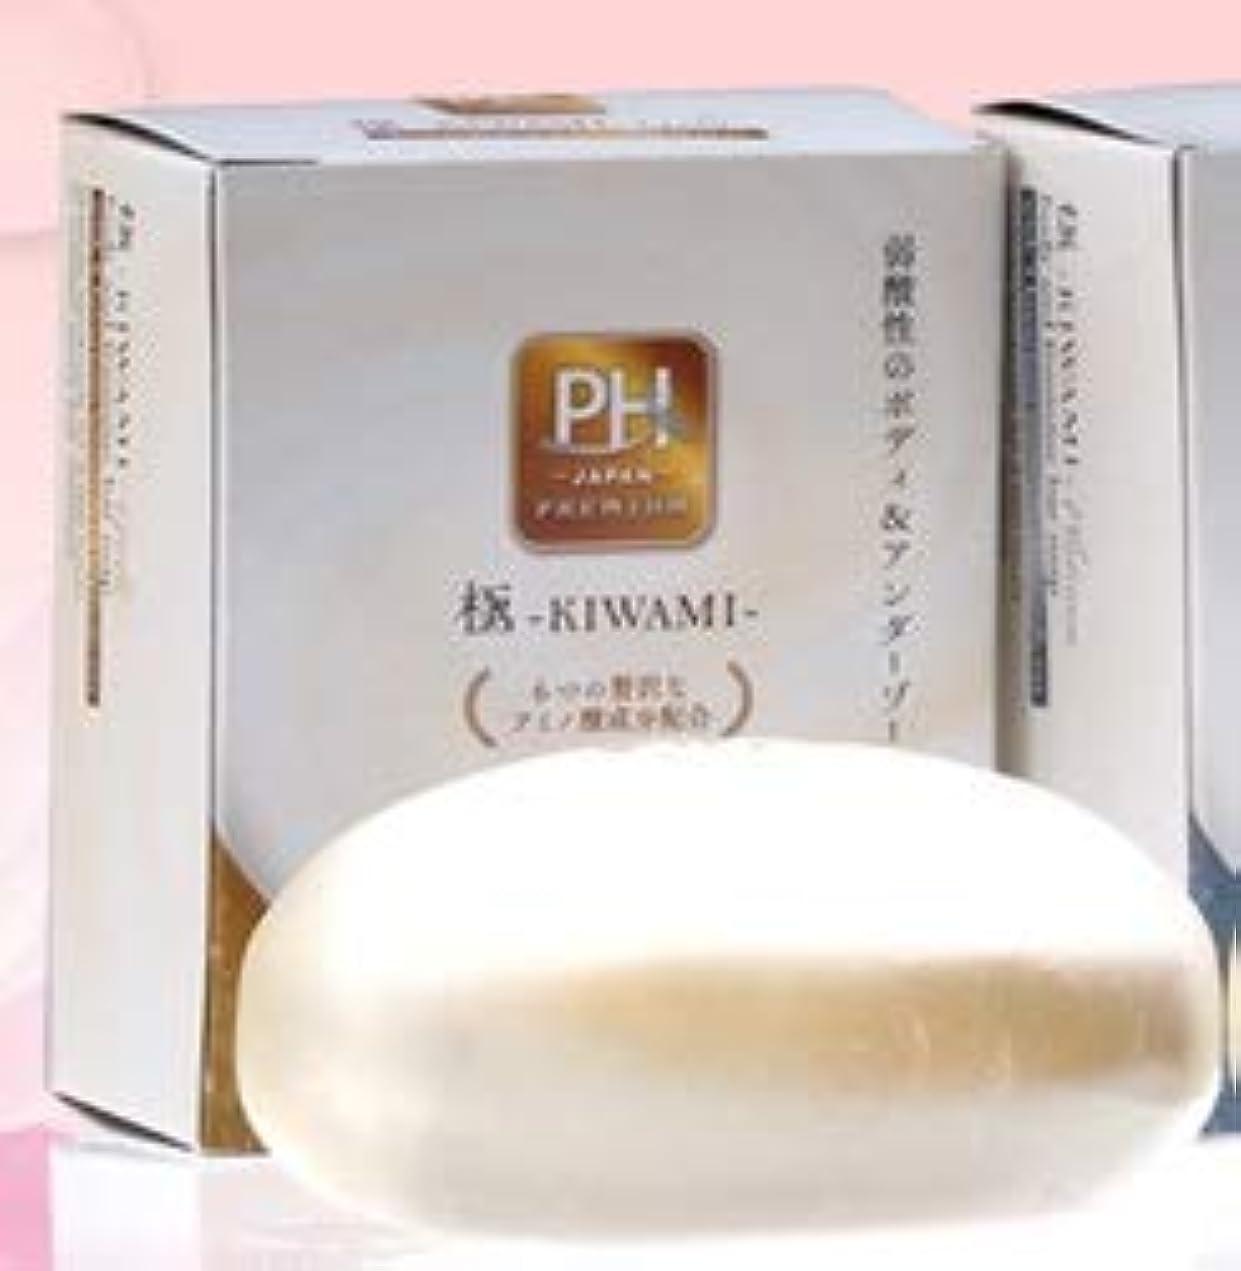 電圧ドール本当のことを言うと弱酸性アミノ酸 透明固形石けん 極-KIWAMI-ゴールド